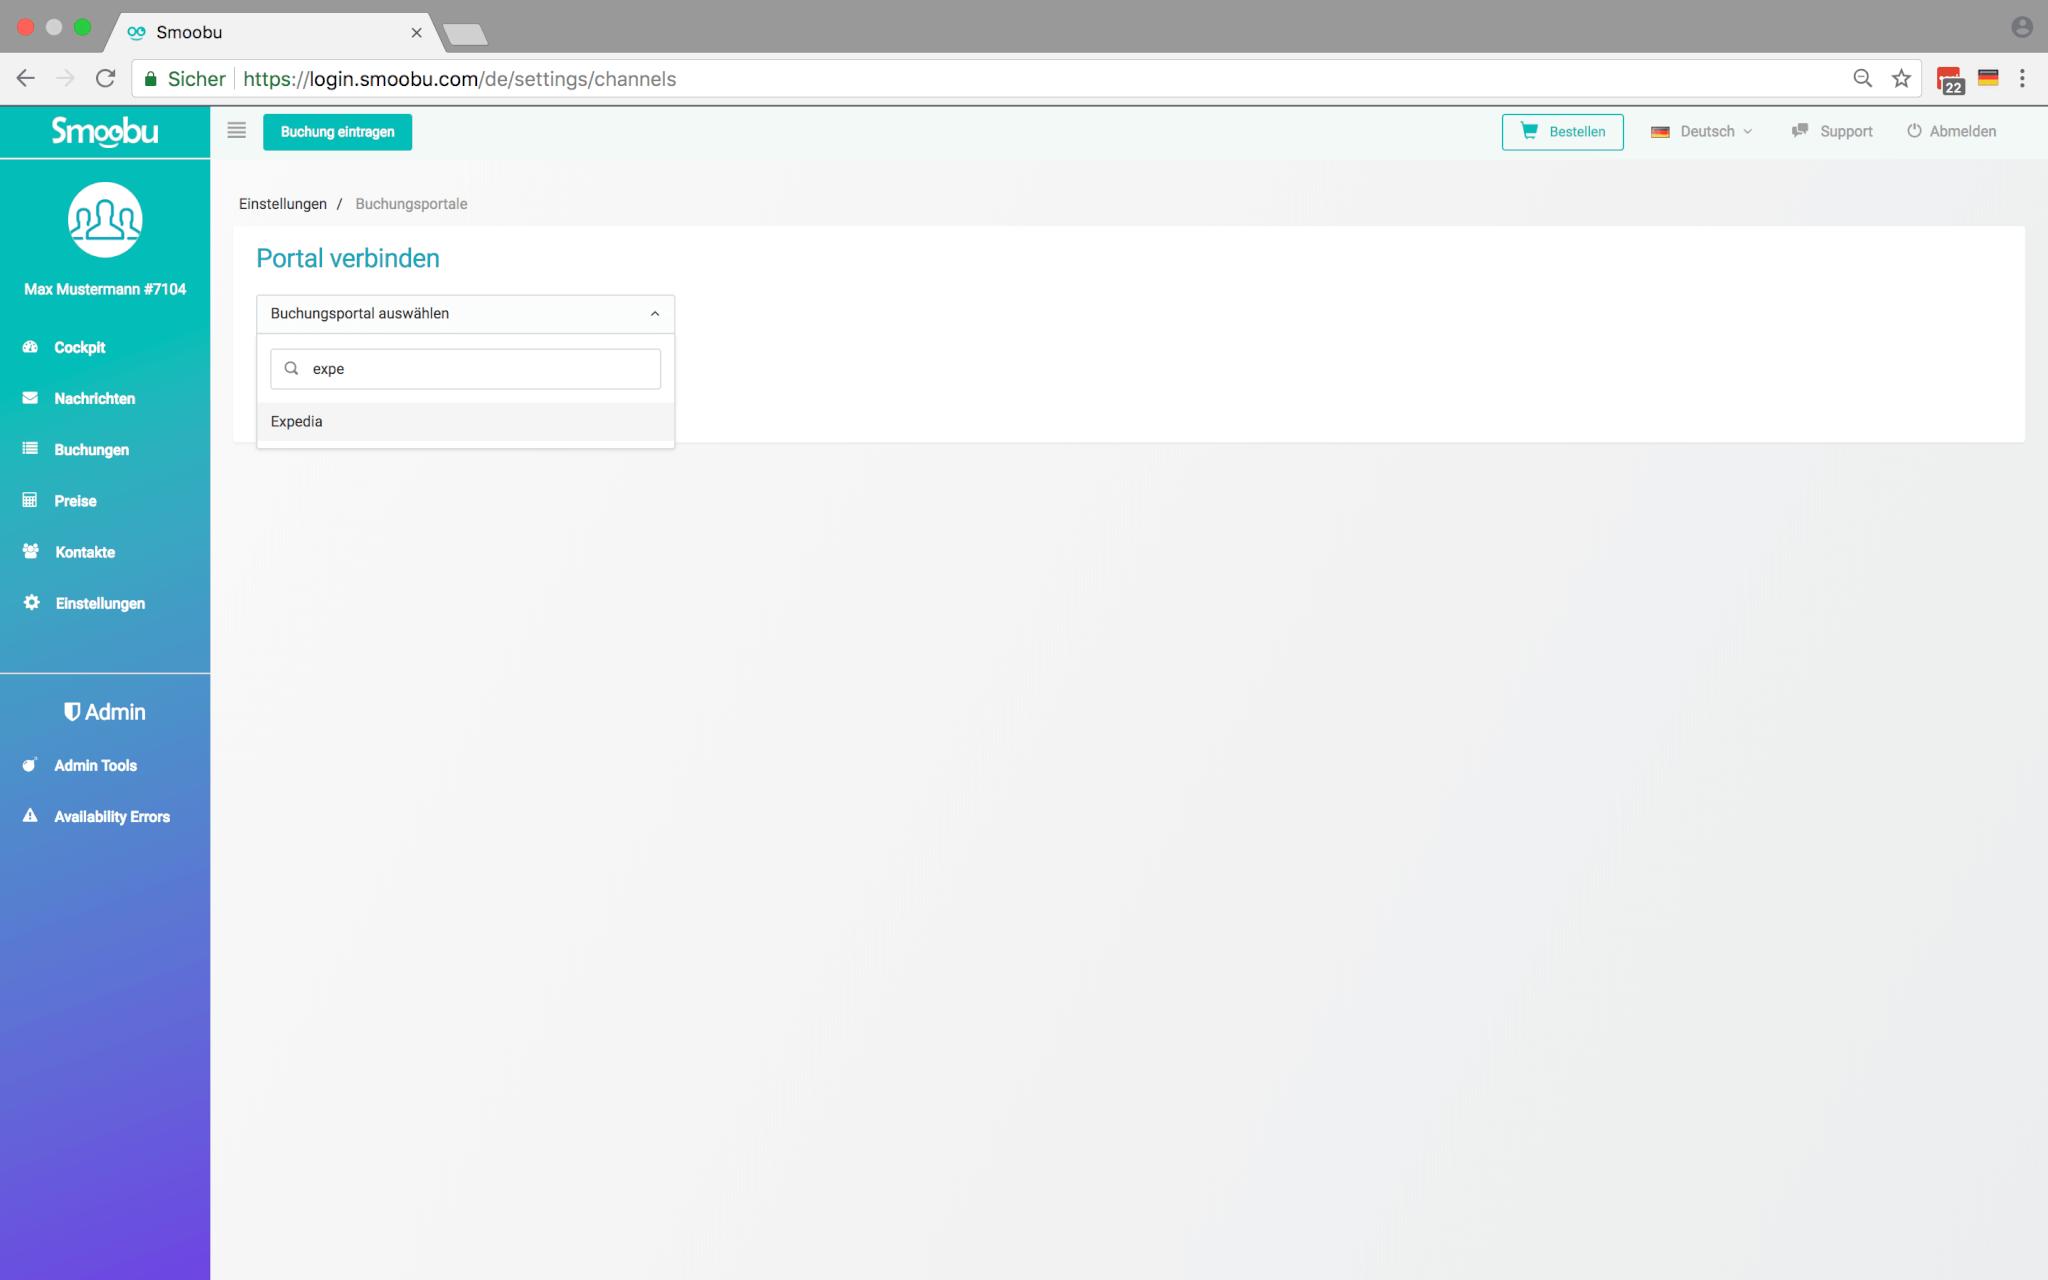 ᐅ Connecter Smoobu Channel Manager et Expedia